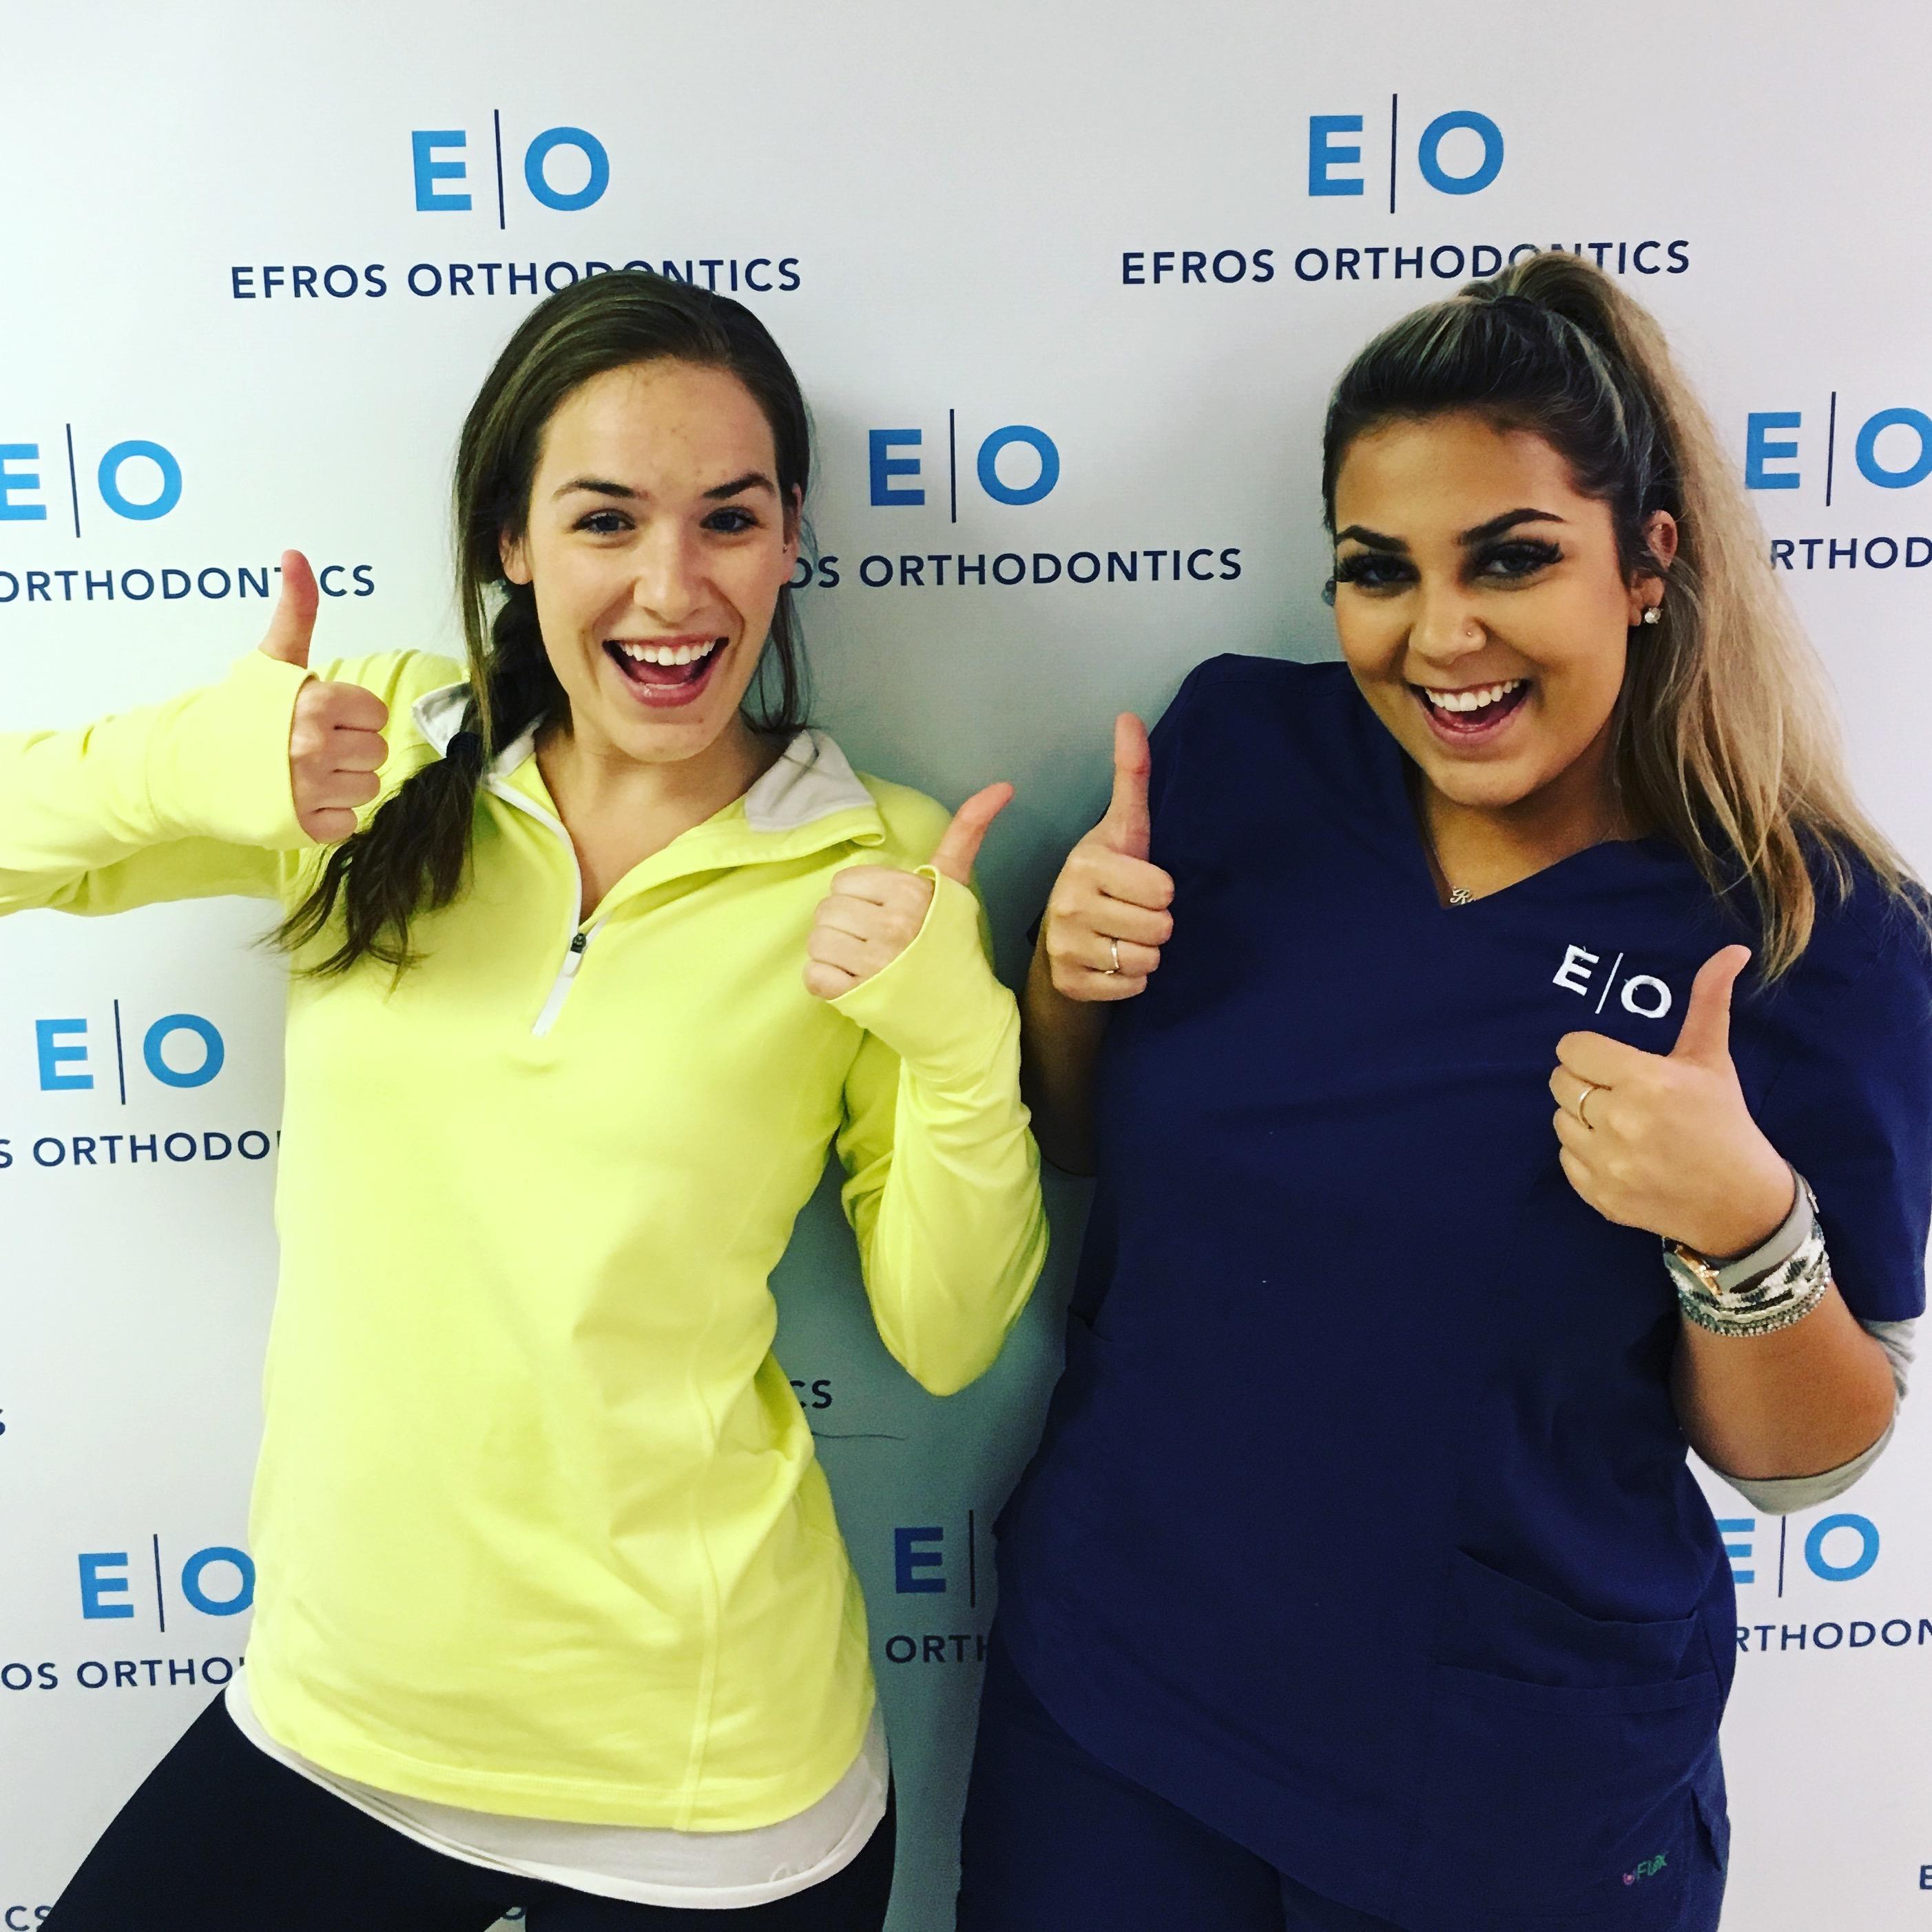 Efros Orthodontics image 6